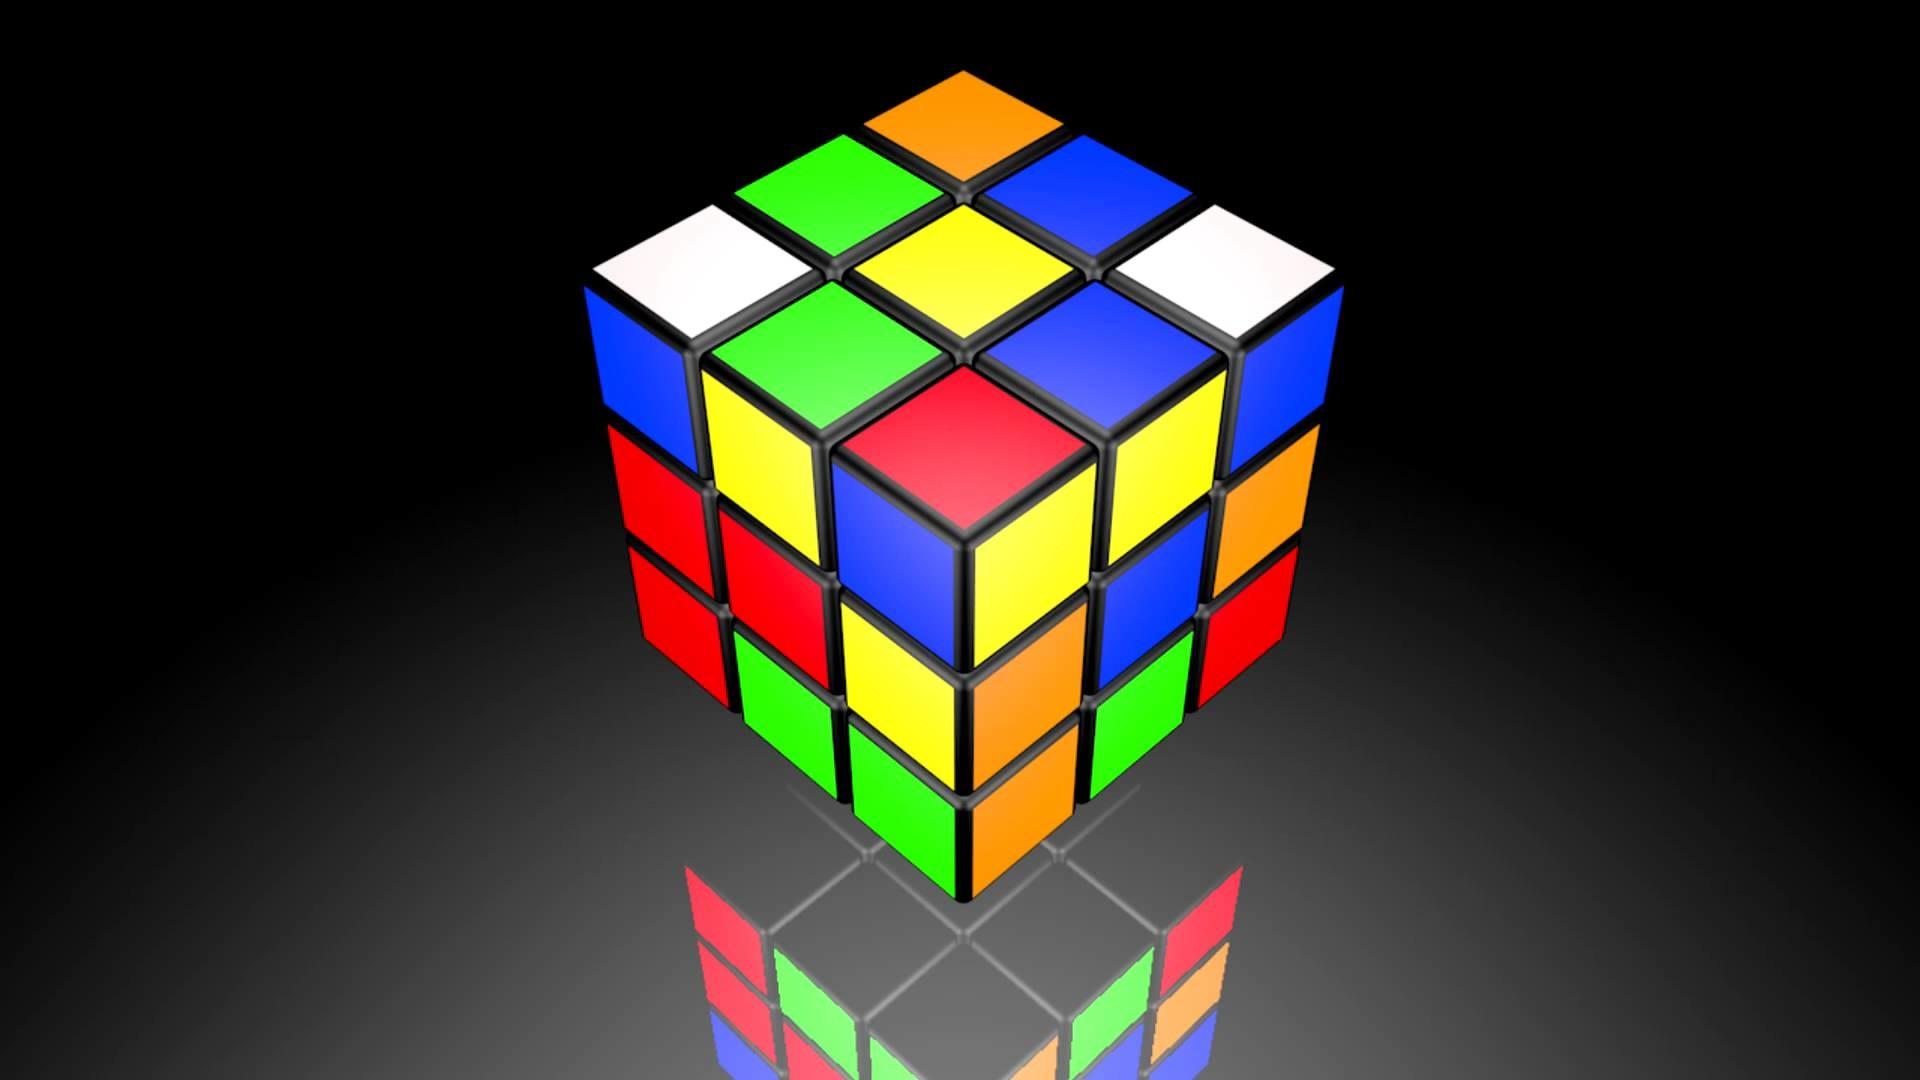 Rubik's Cube wallpapers